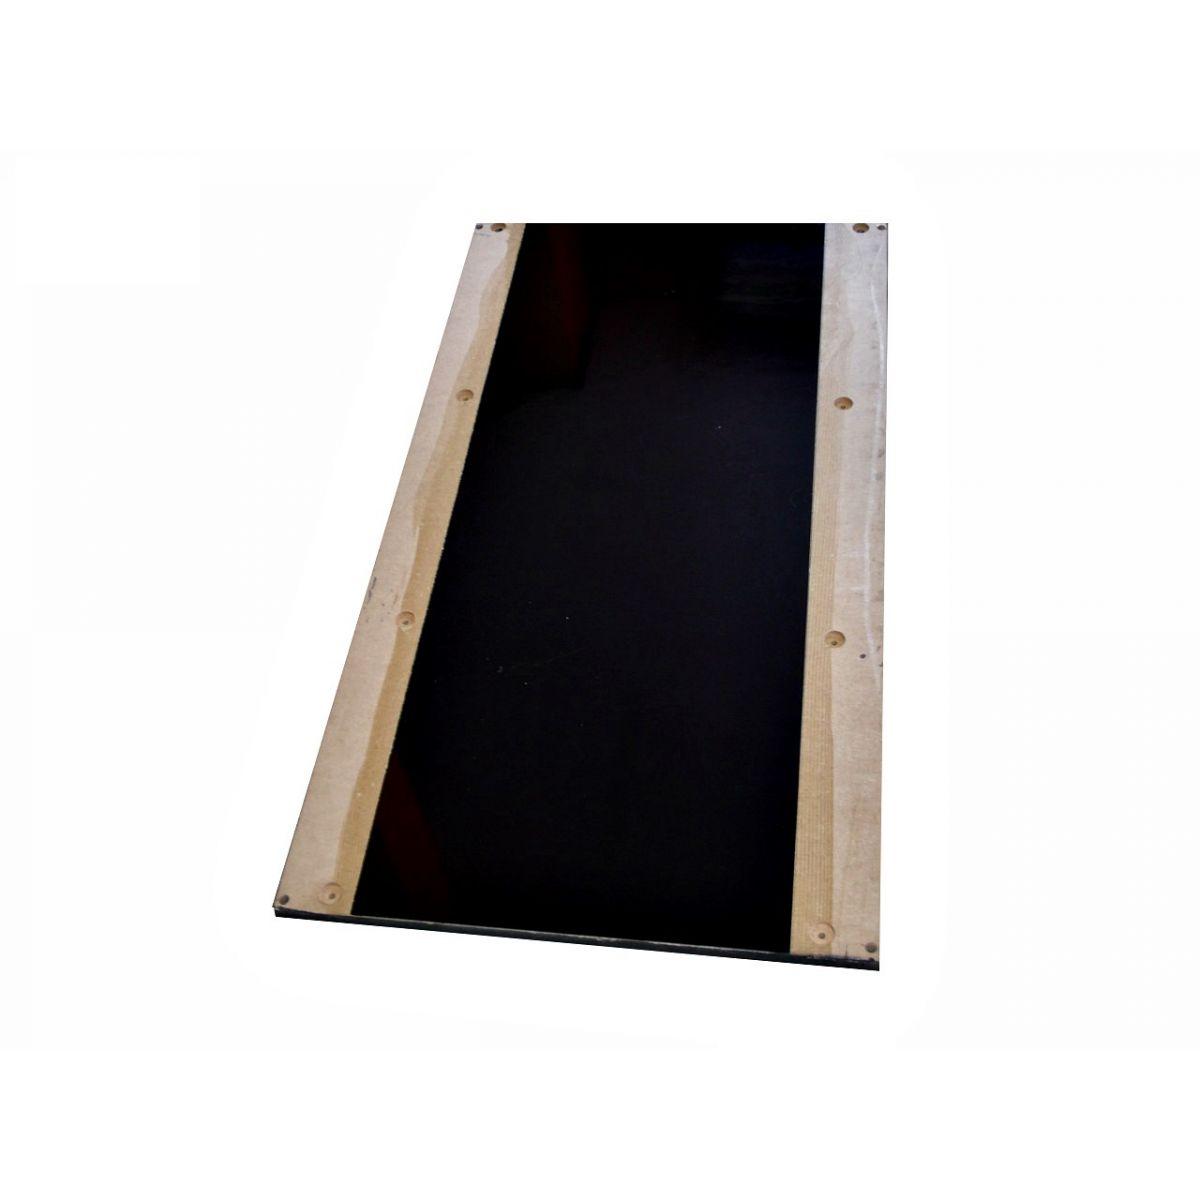 Prancha Deck Para Esteira Ergométrica Movement LX-160 G1/G2